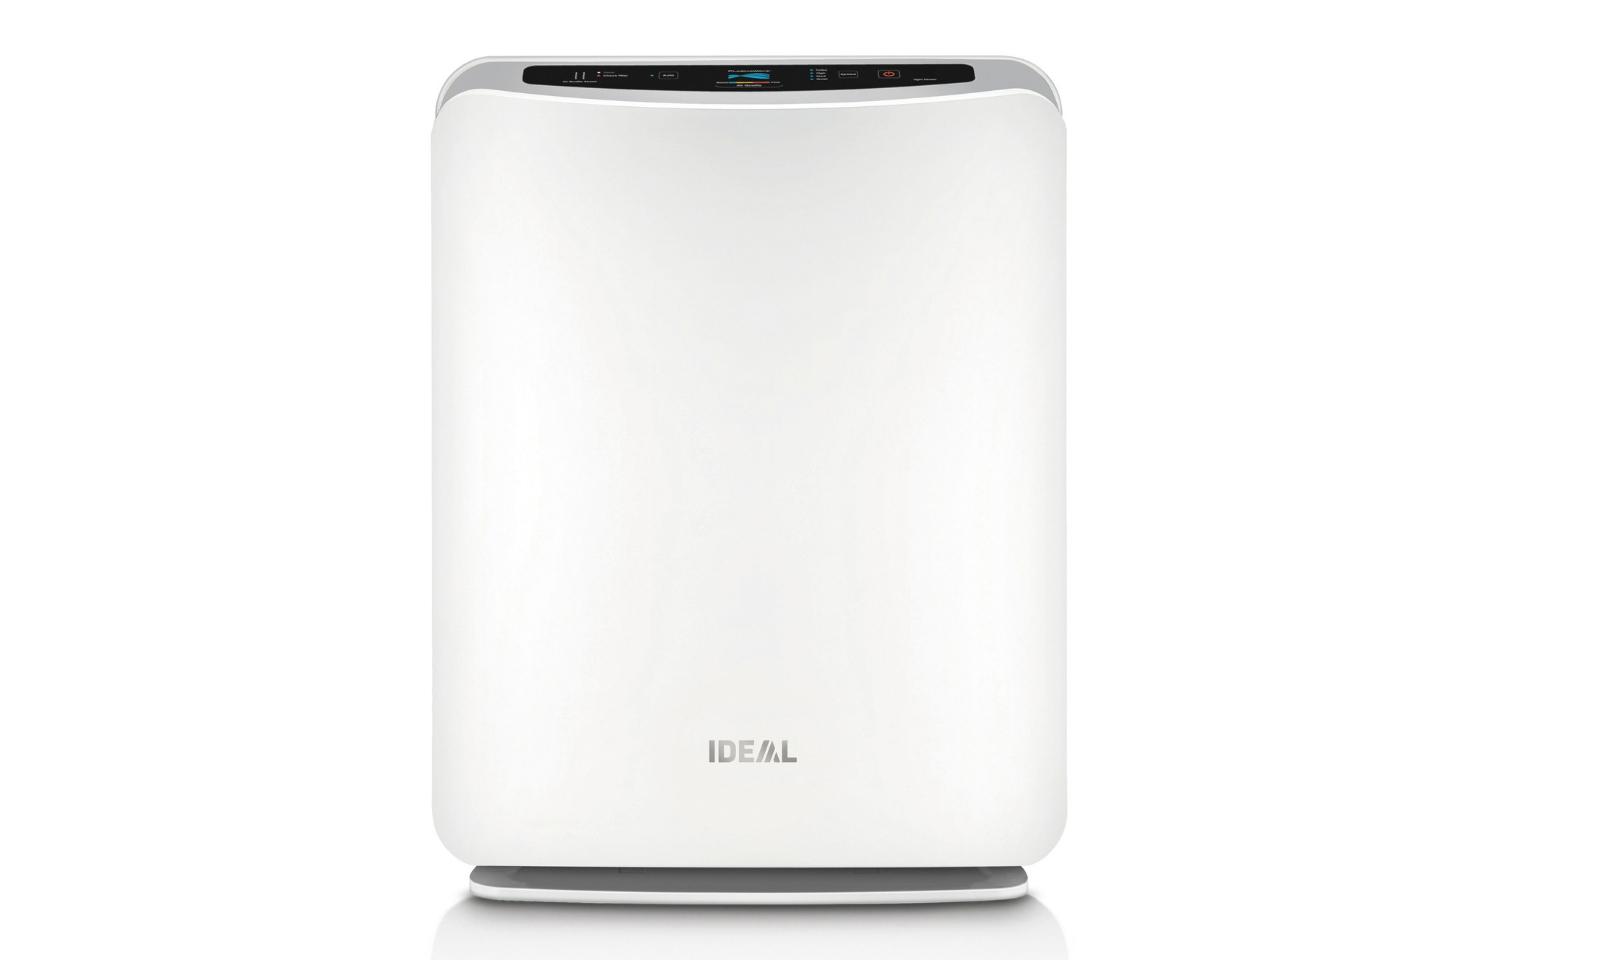 Przód oczyszczacza powietrza Ideal AP 30